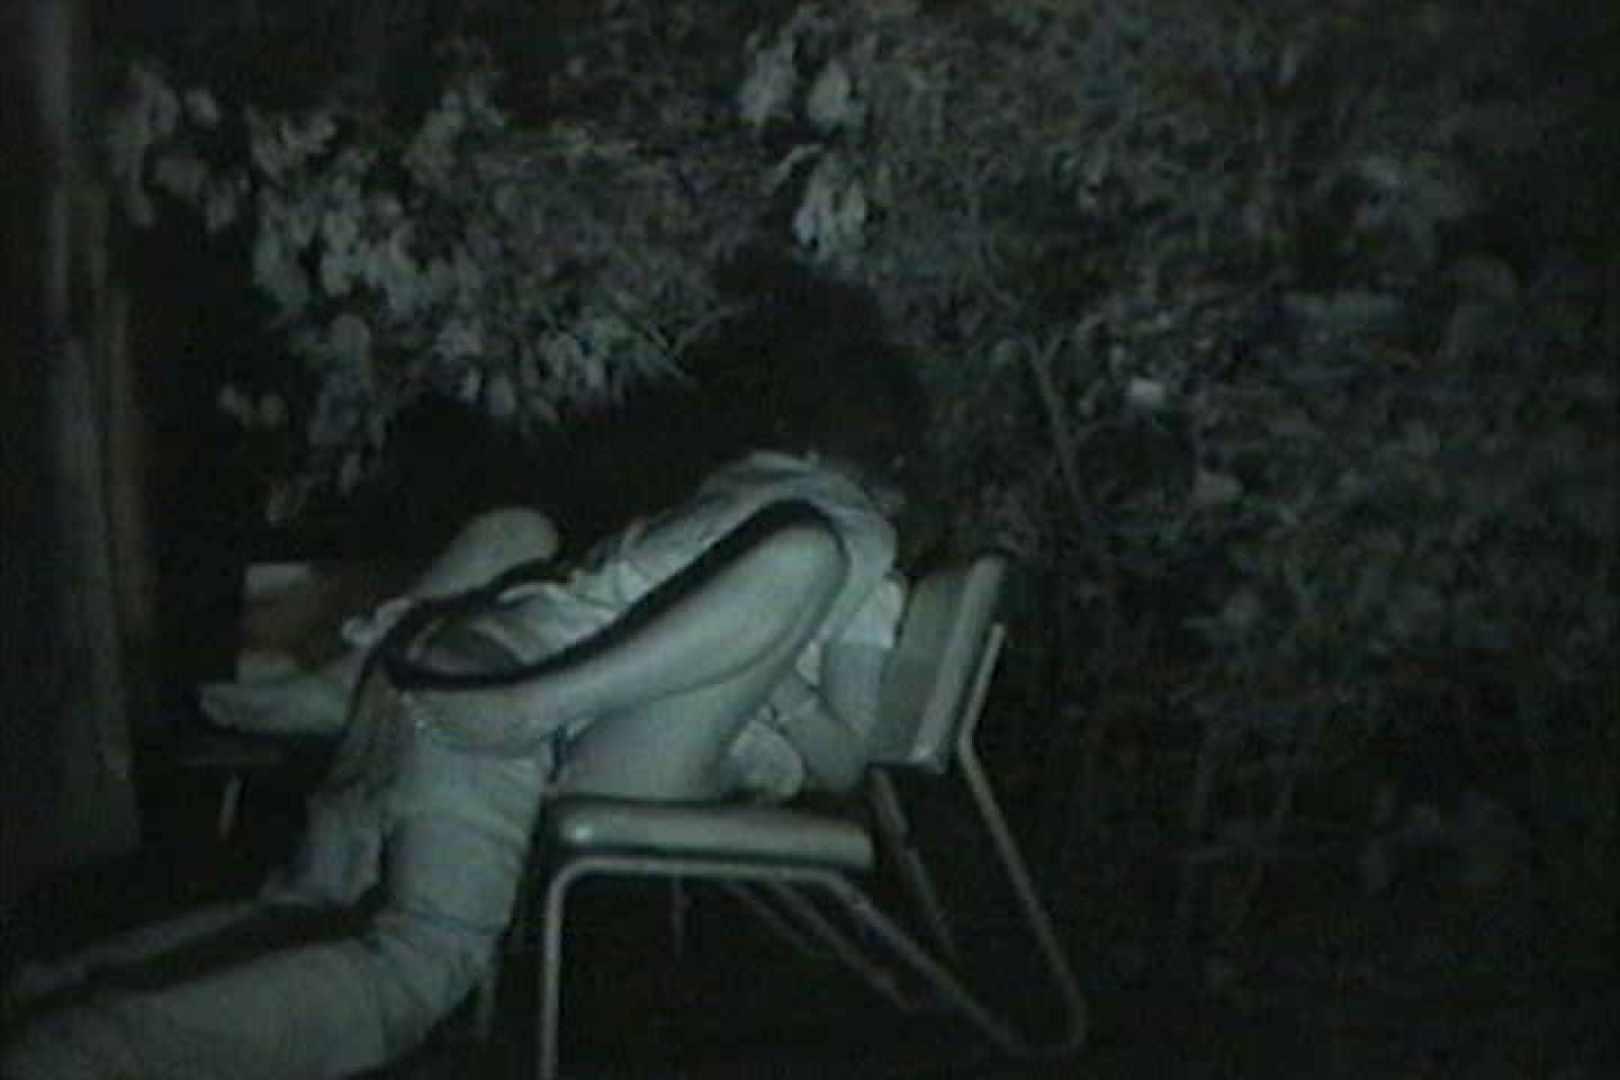 闇の仕掛け人 無修正版 Vol.25 美しいOLの裸体  102pic 18